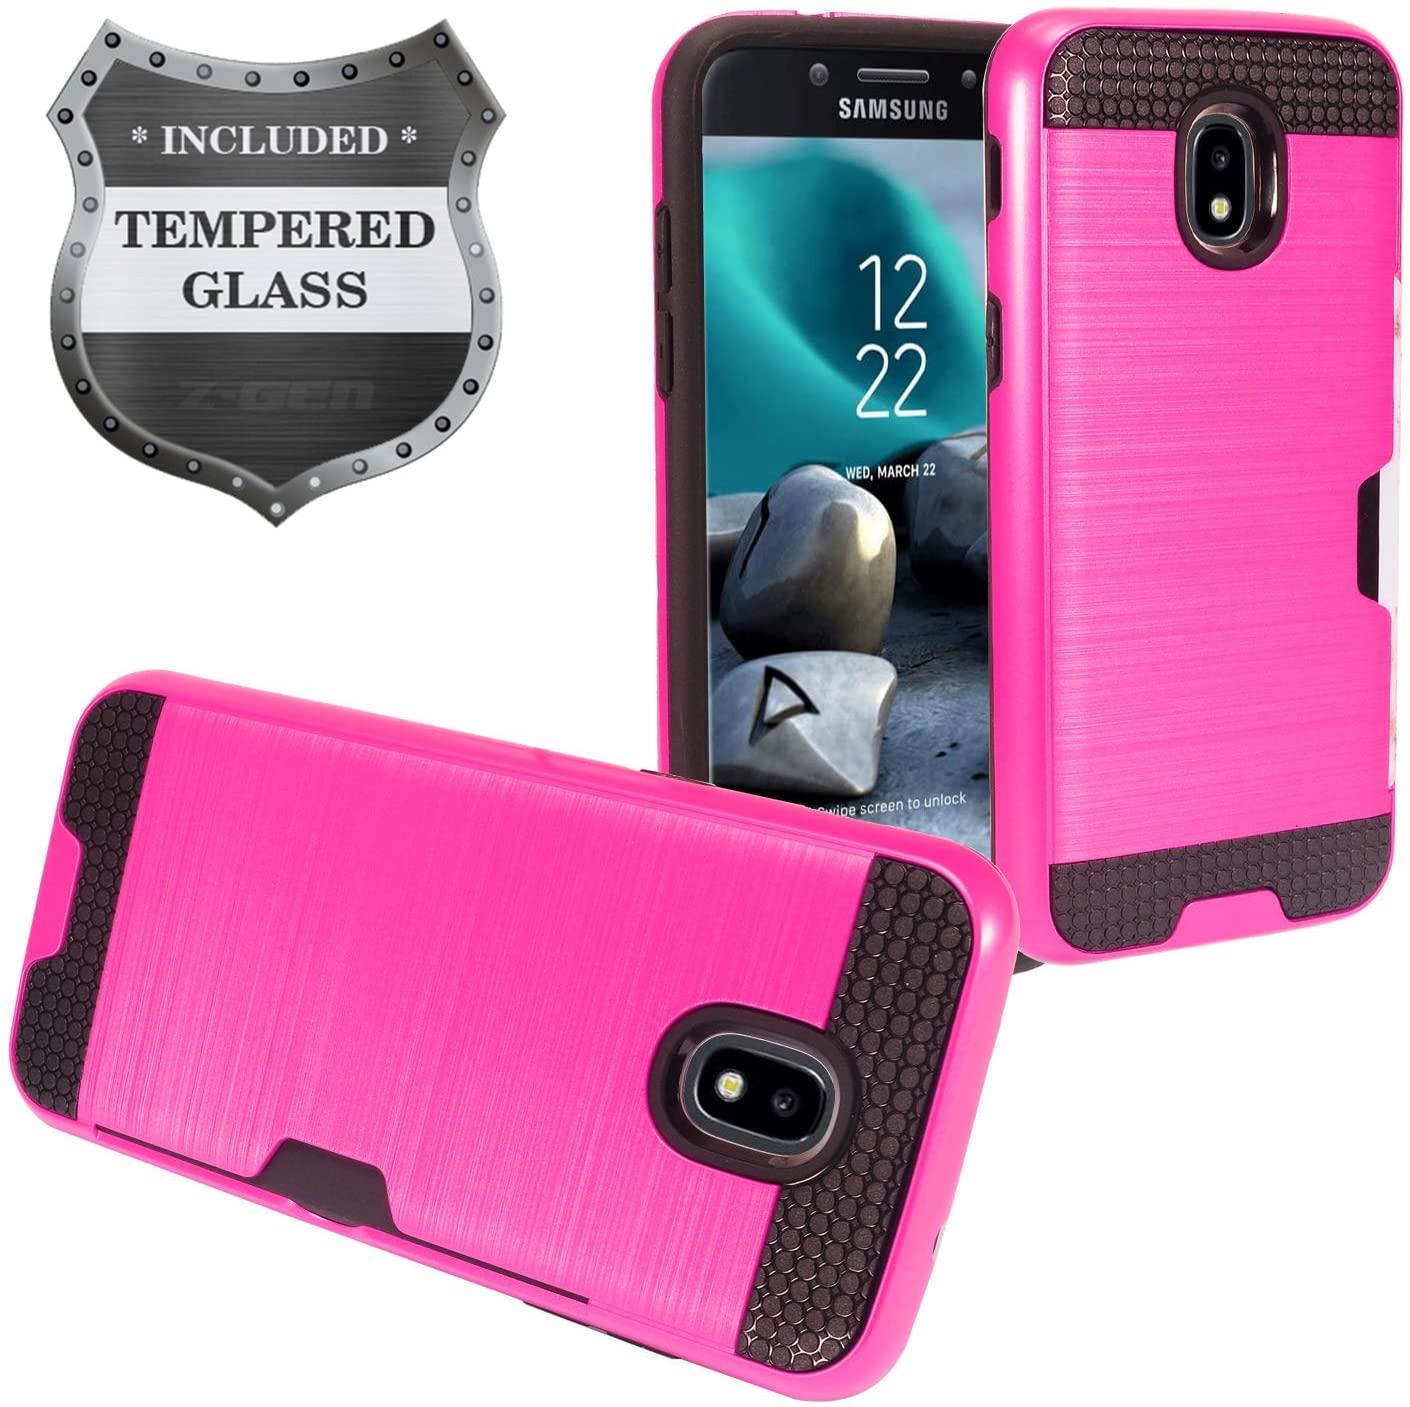 Z-GEN - Galaxy J7 2018, J7 Refine, J7 Star, J7 Crown, J7 Aura, J7 Top, J7 V J7V 2nd Gen J737 - Brushed Hybrid Phone Case w/Card Slot for Samsung + Tempered Glass Screen Protector - CS2 Hot Pink